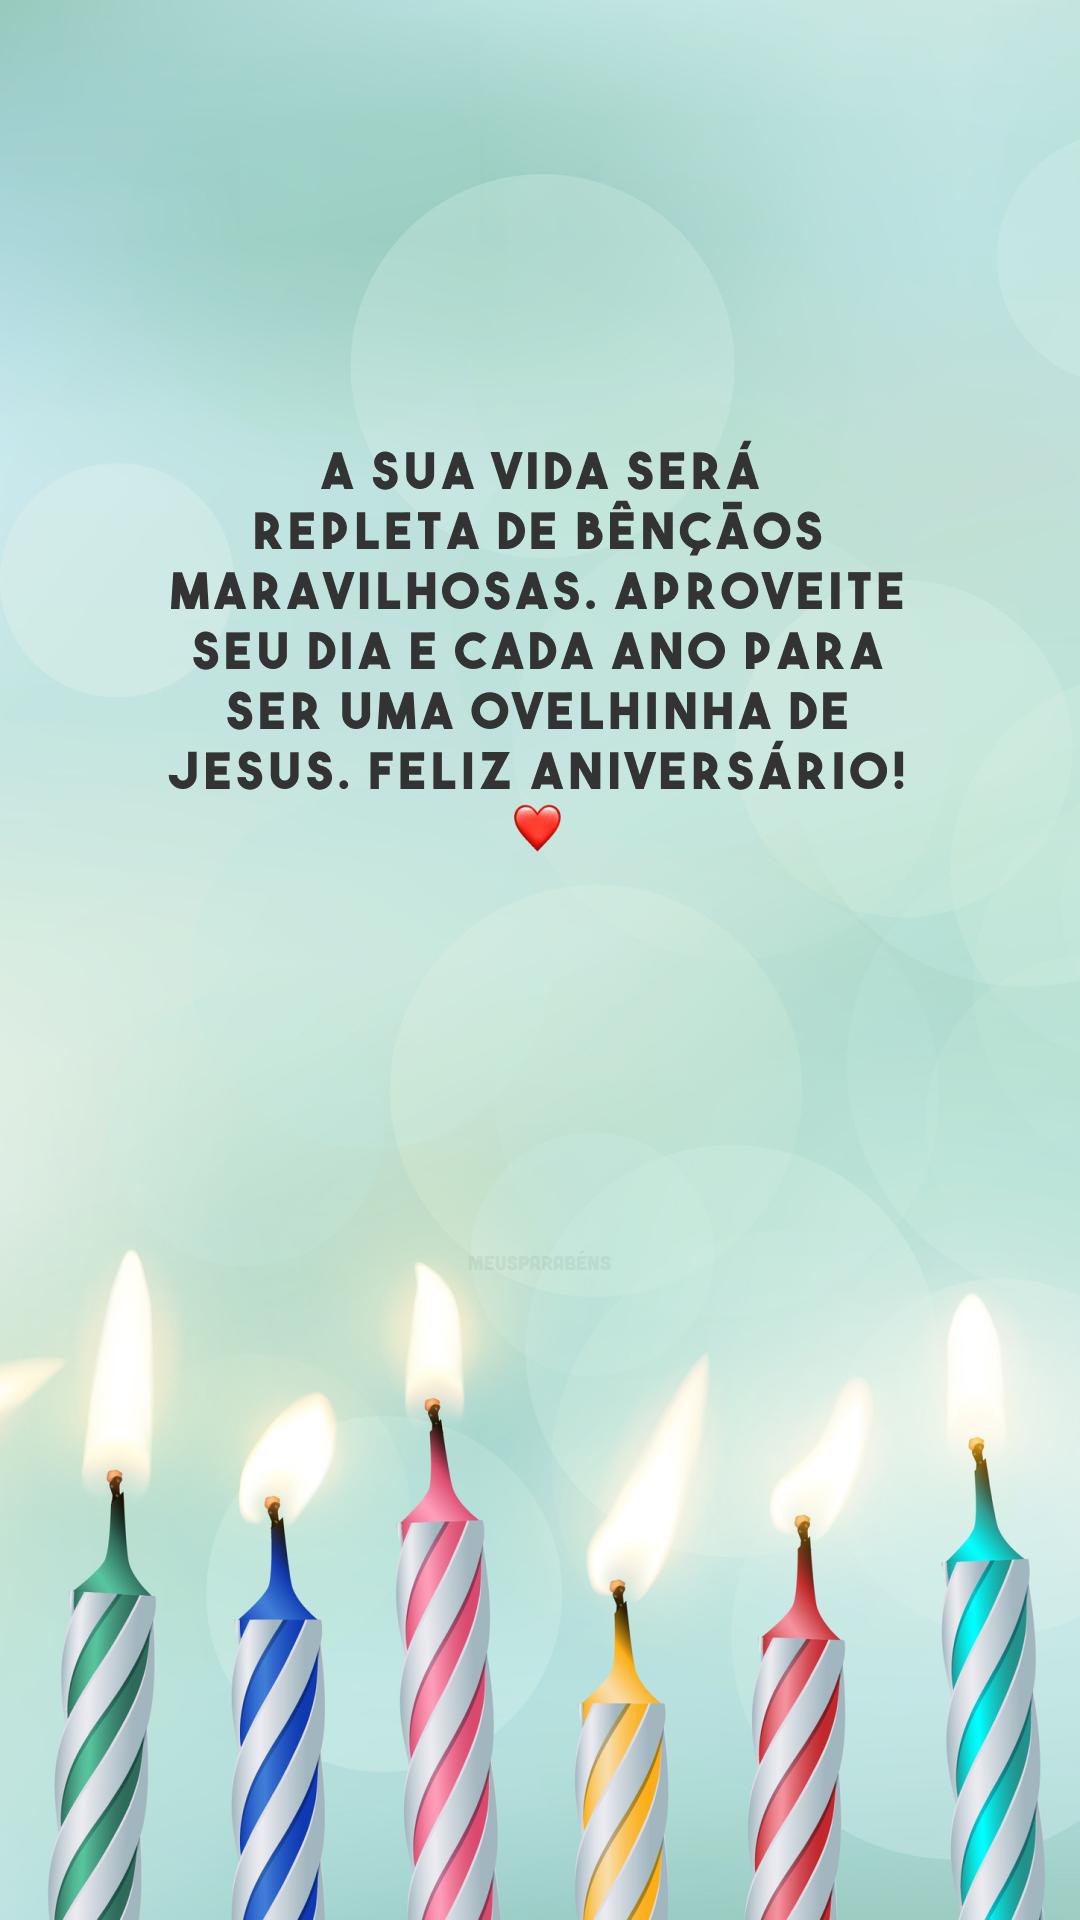 A sua vida será repleta de bênçãos maravilhosas. Aproveite seu dia e cada ano para ser uma ovelhinha de Jesus. Feliz aniversário! ❤️